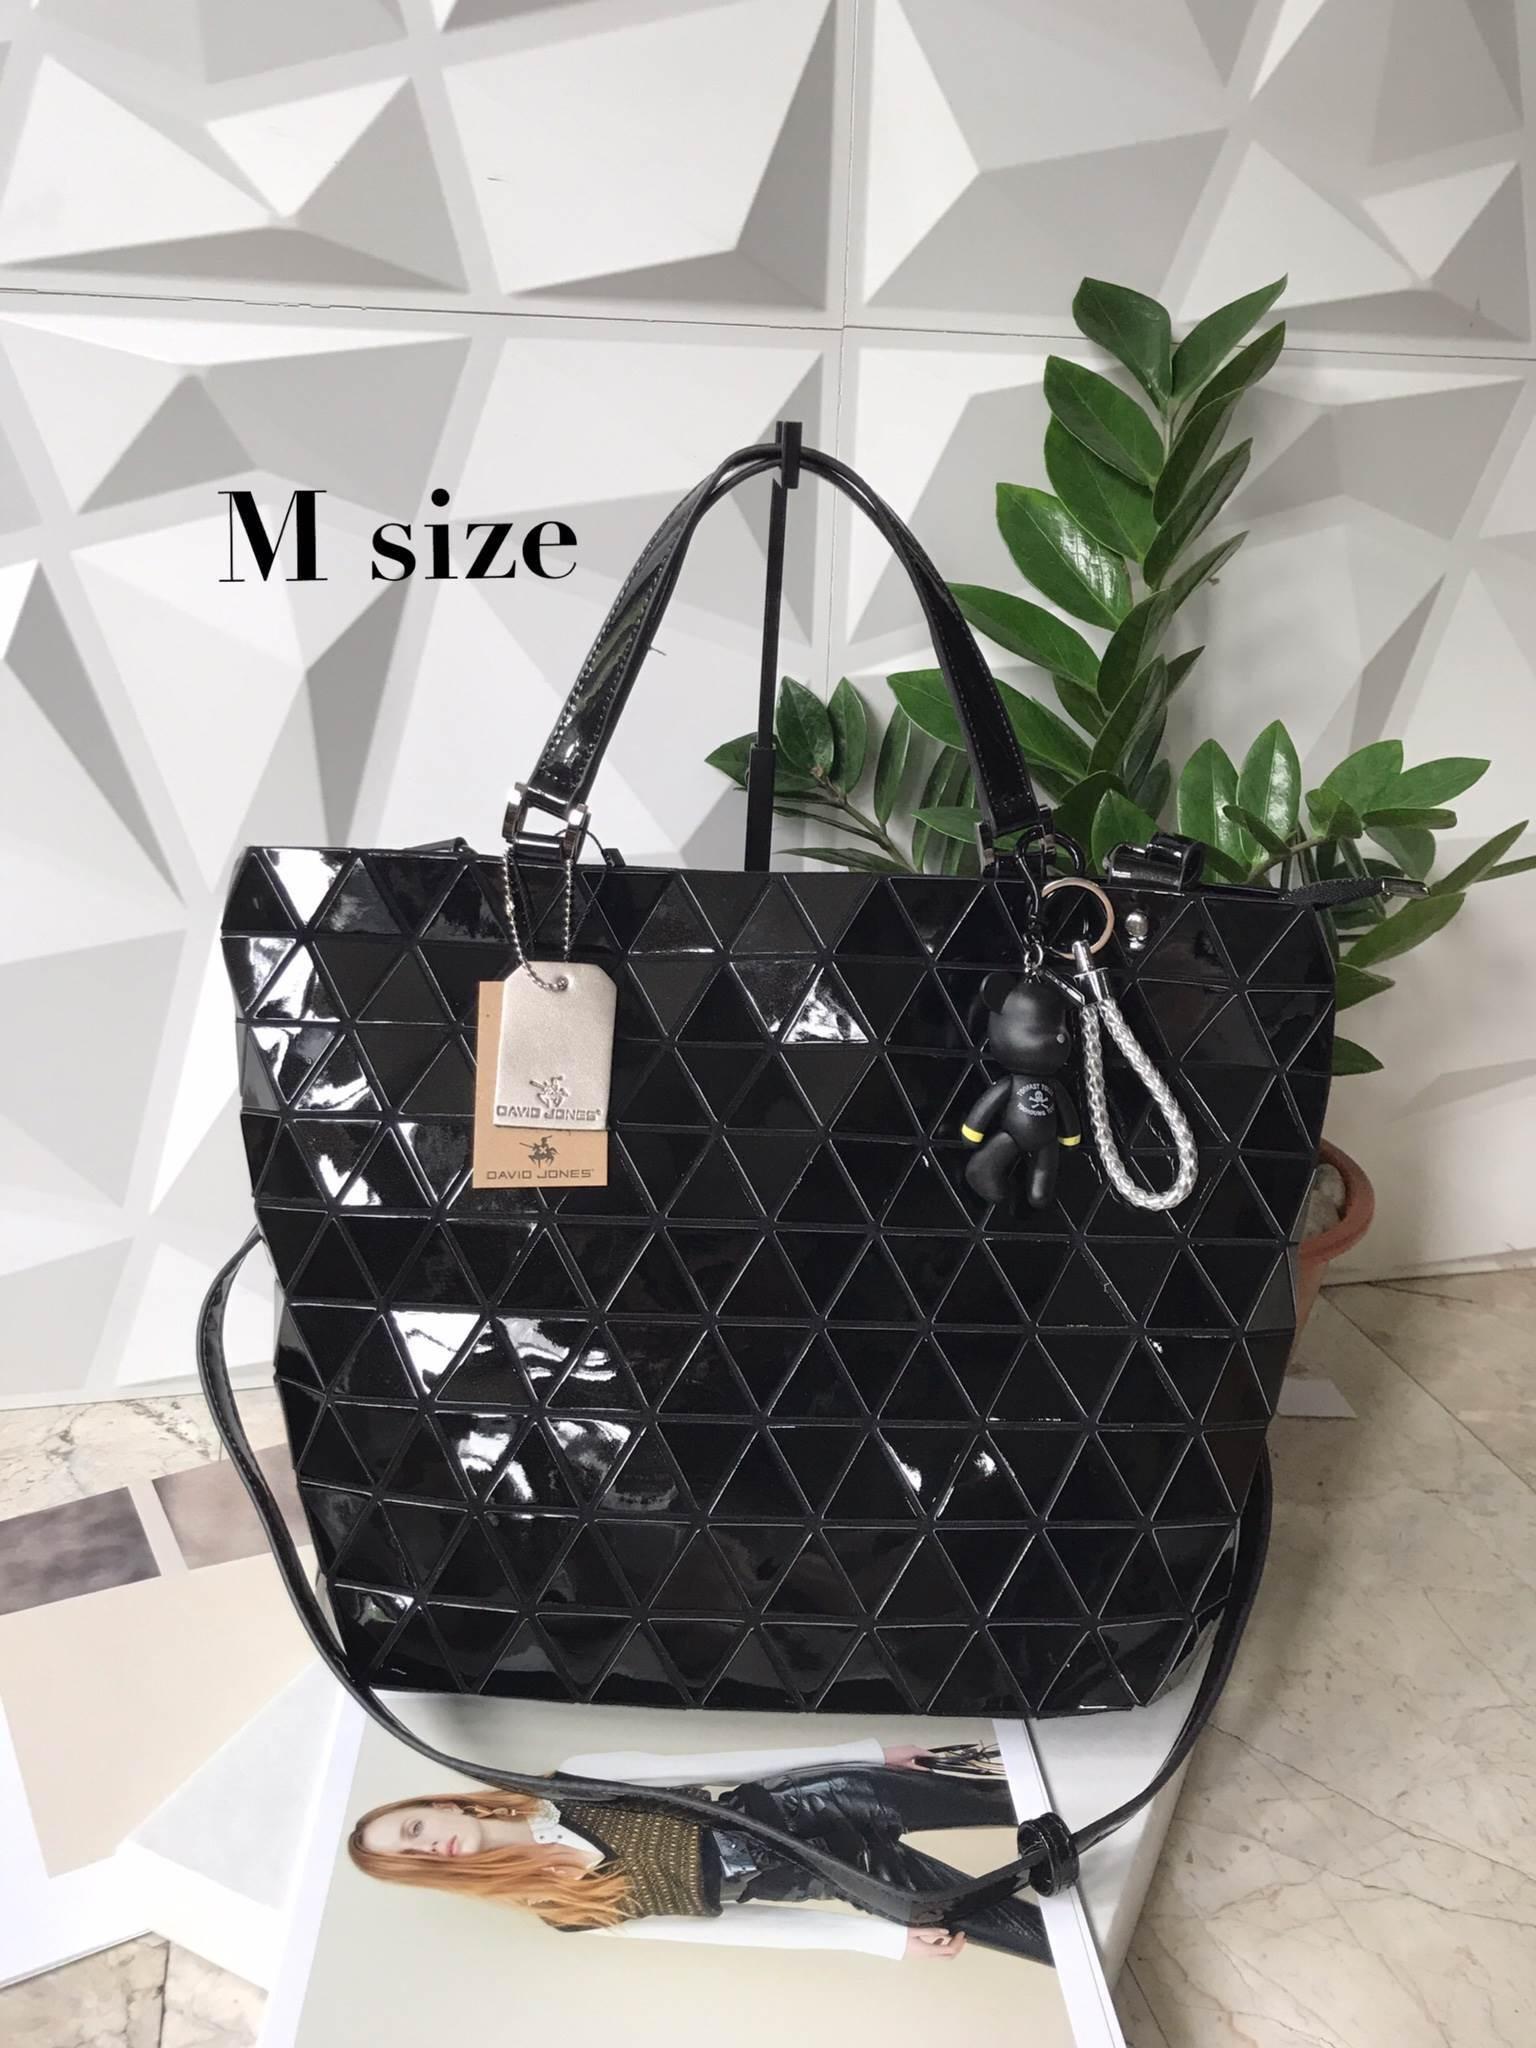 กระเป๋าทรงสุดฮิตSize M สีดำ David Jones มาพร้อมกับพวงกุญแจรุ่นพิเศษ